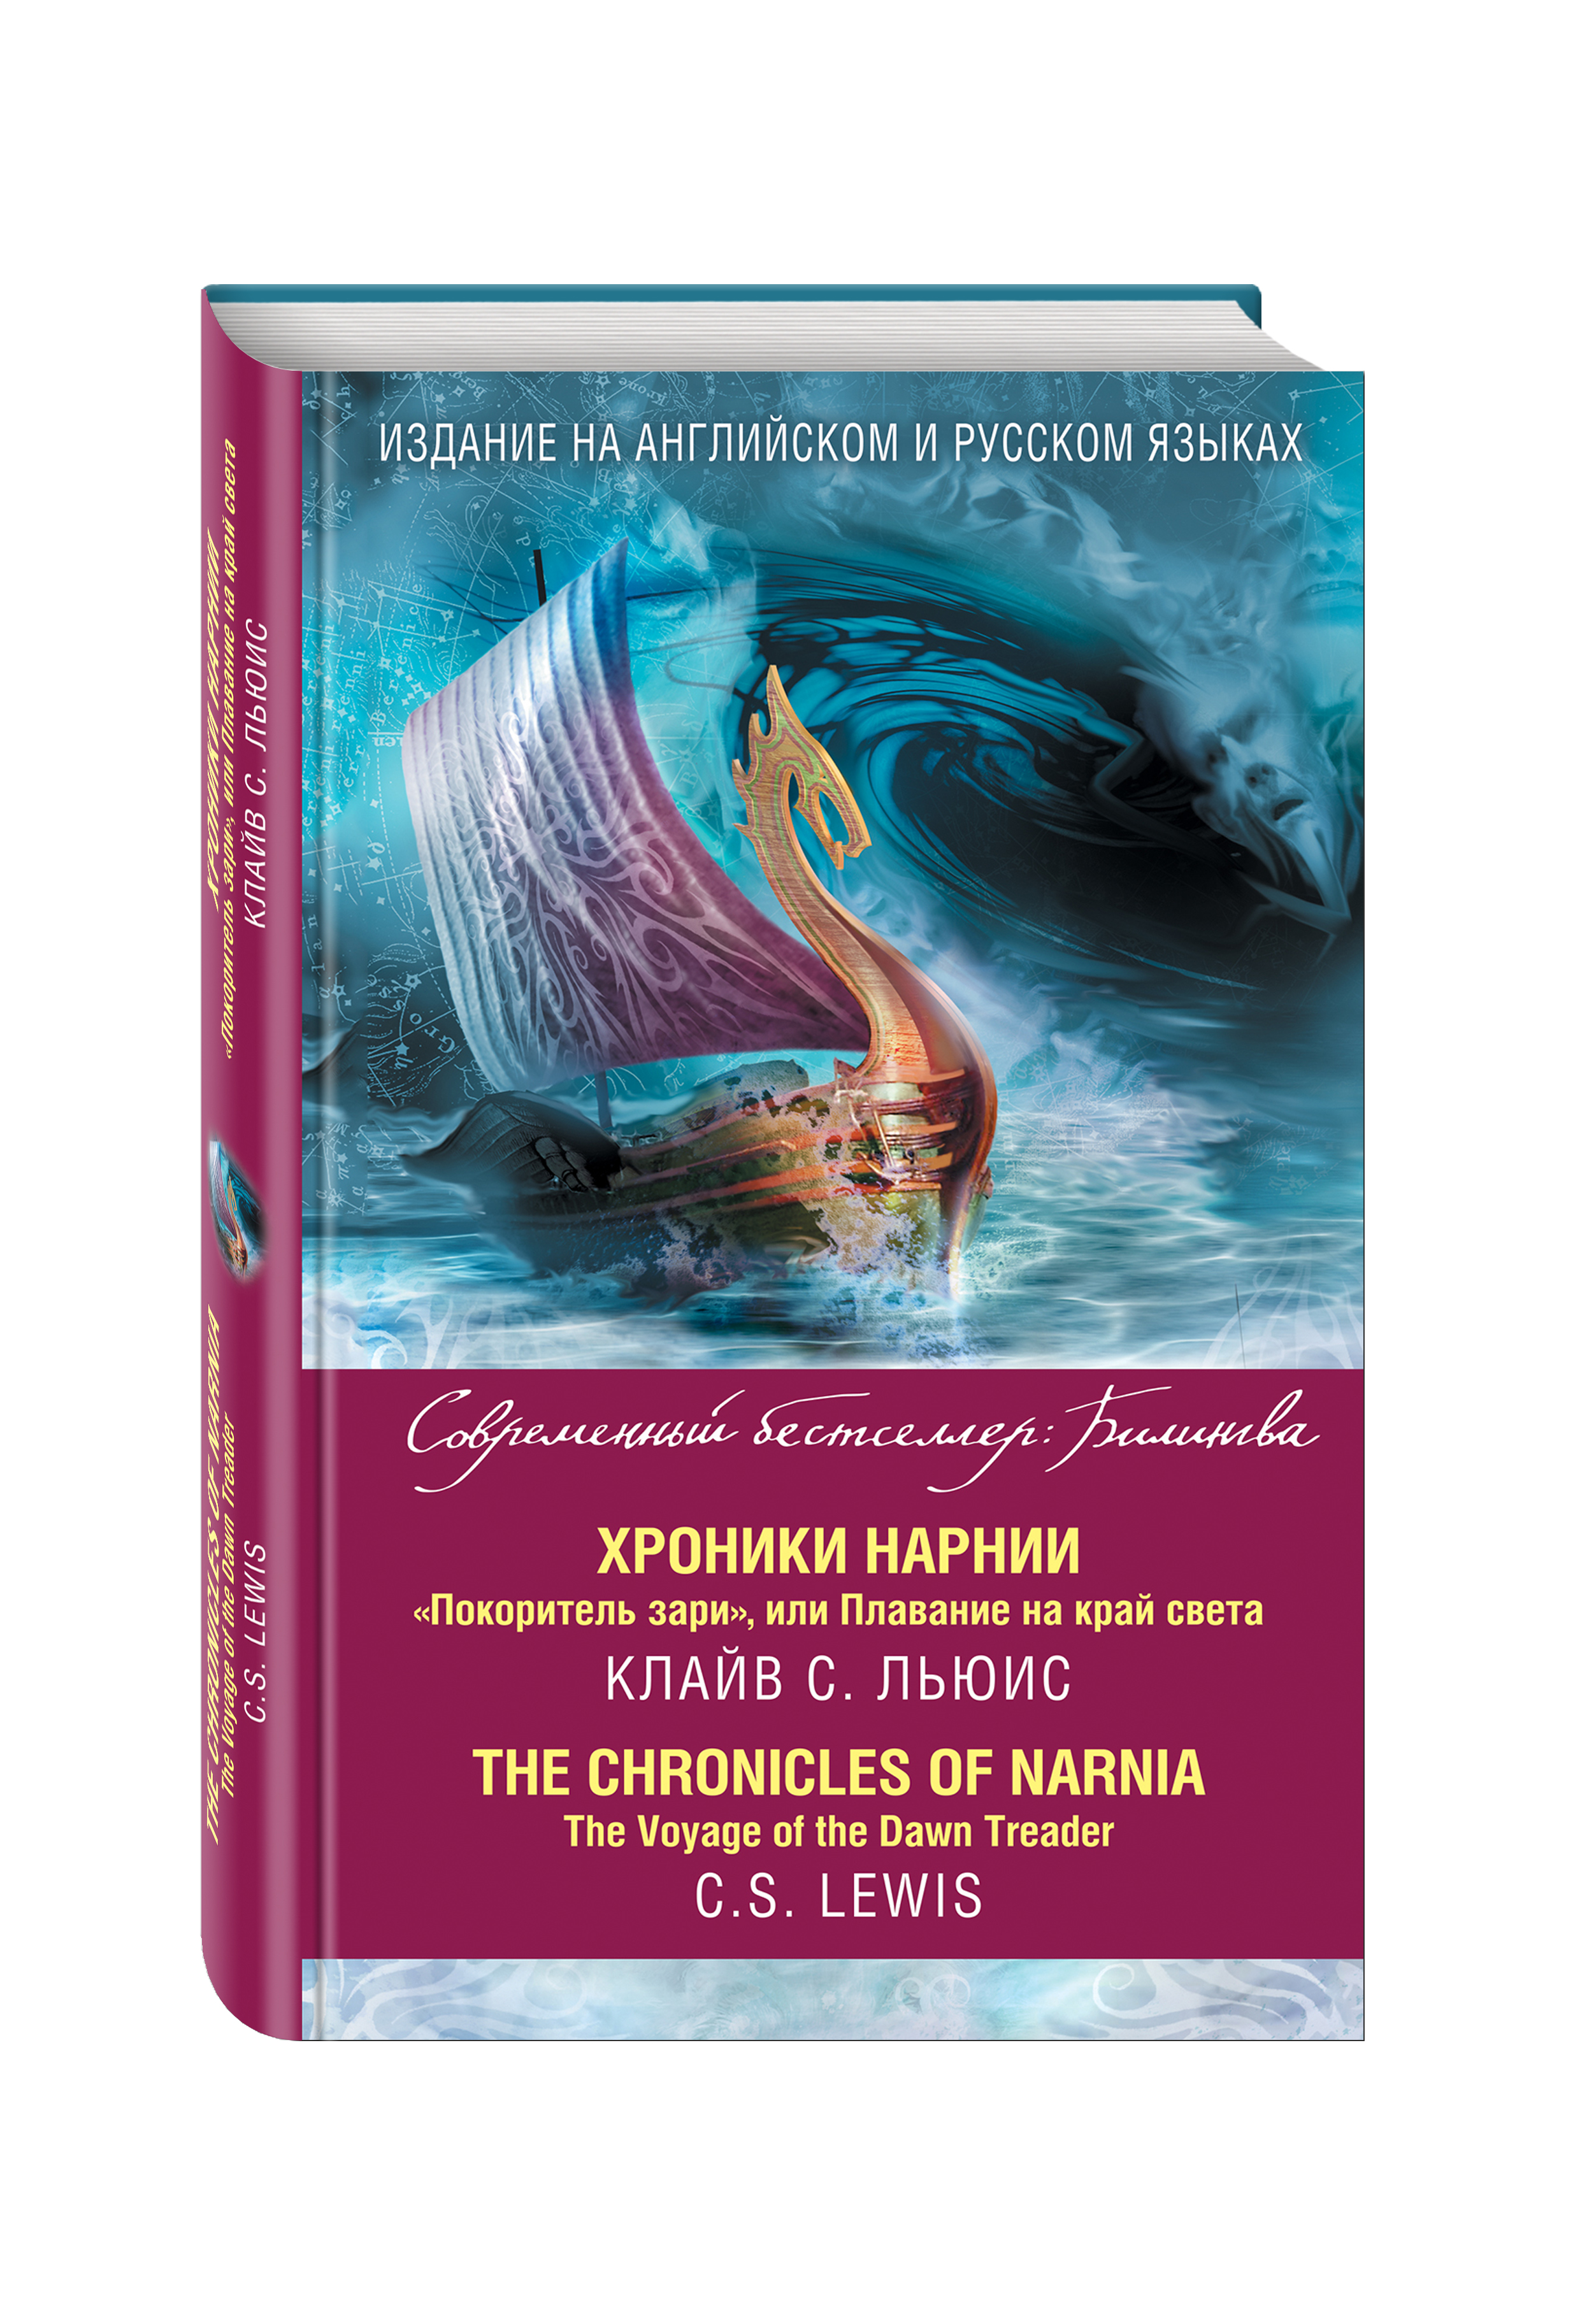 """Хроники Нарнии. """"Покоритель зари"""", или Плавание на край света = The Chronicles of Narnia. The Voyage of the Dawn Treader"""